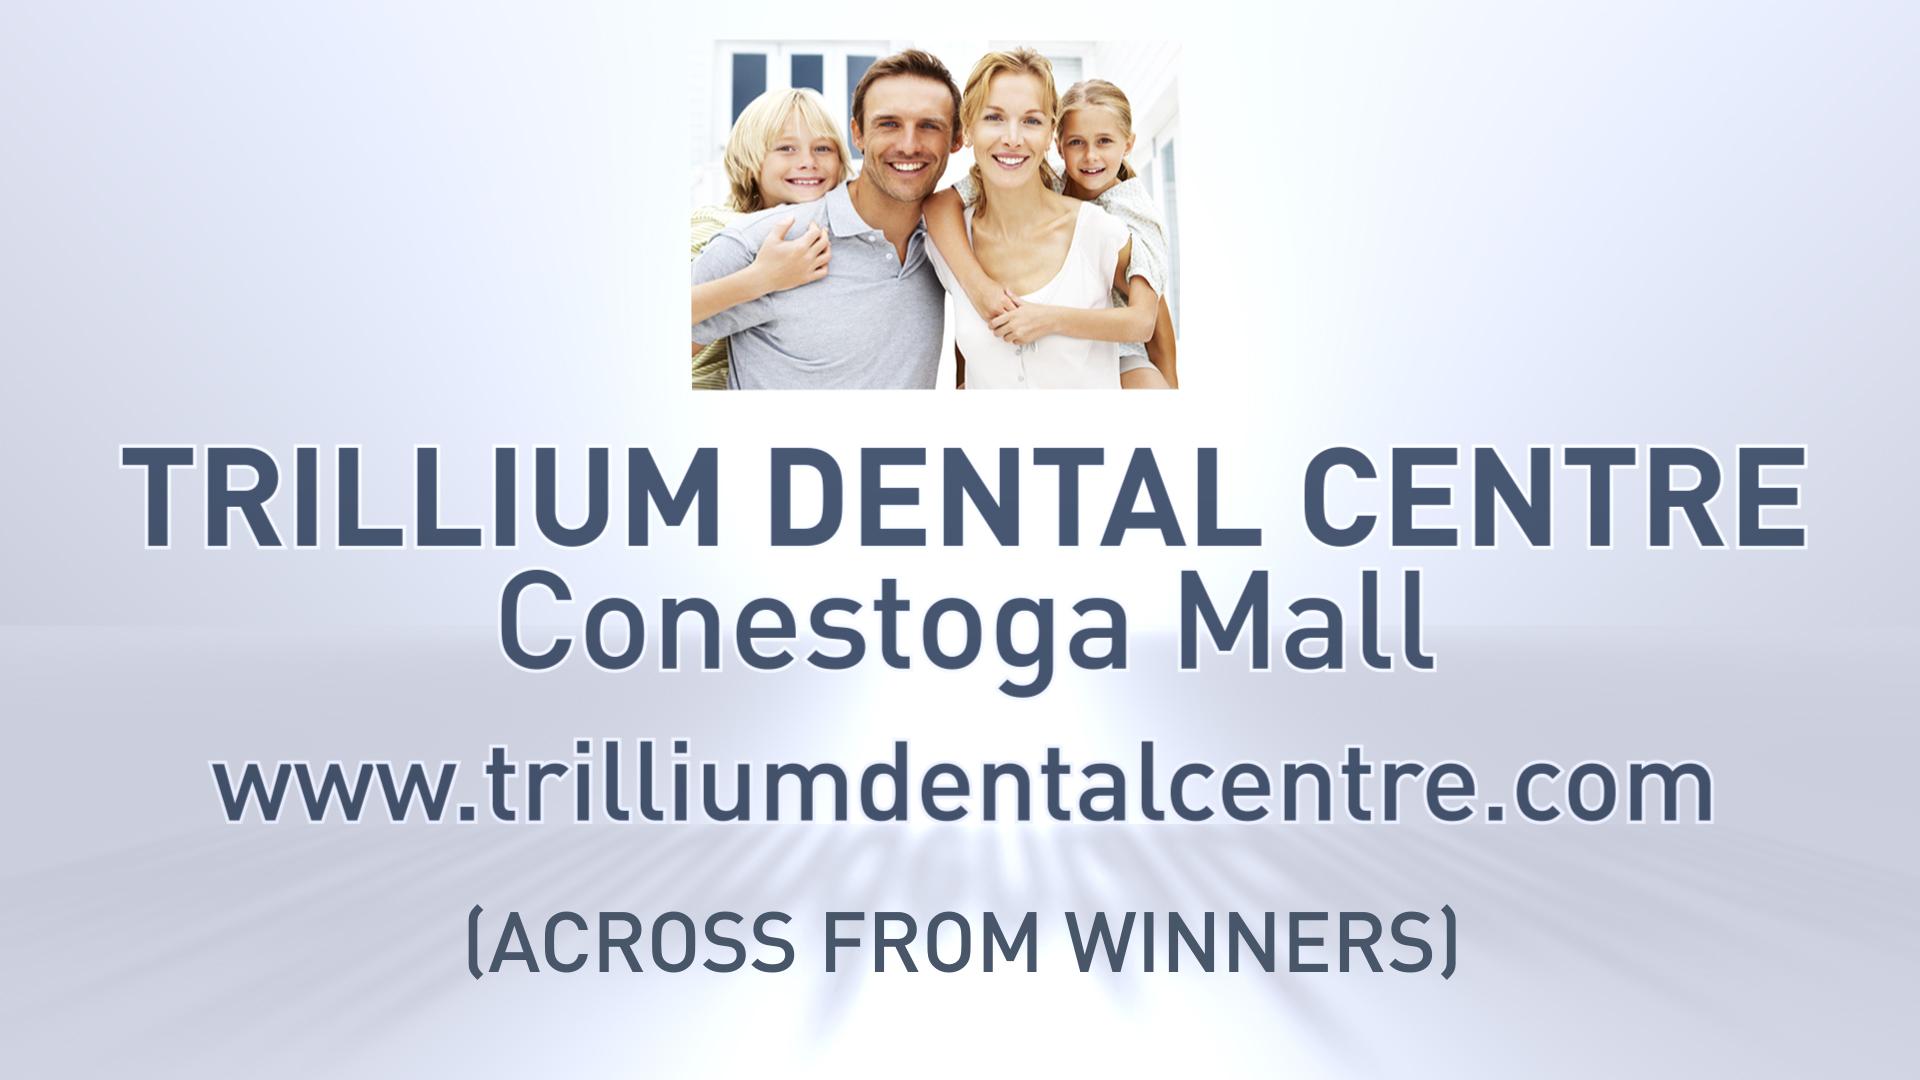 Trillium Dental Centre in Waterloo, ON (located in Conestoga Mall)